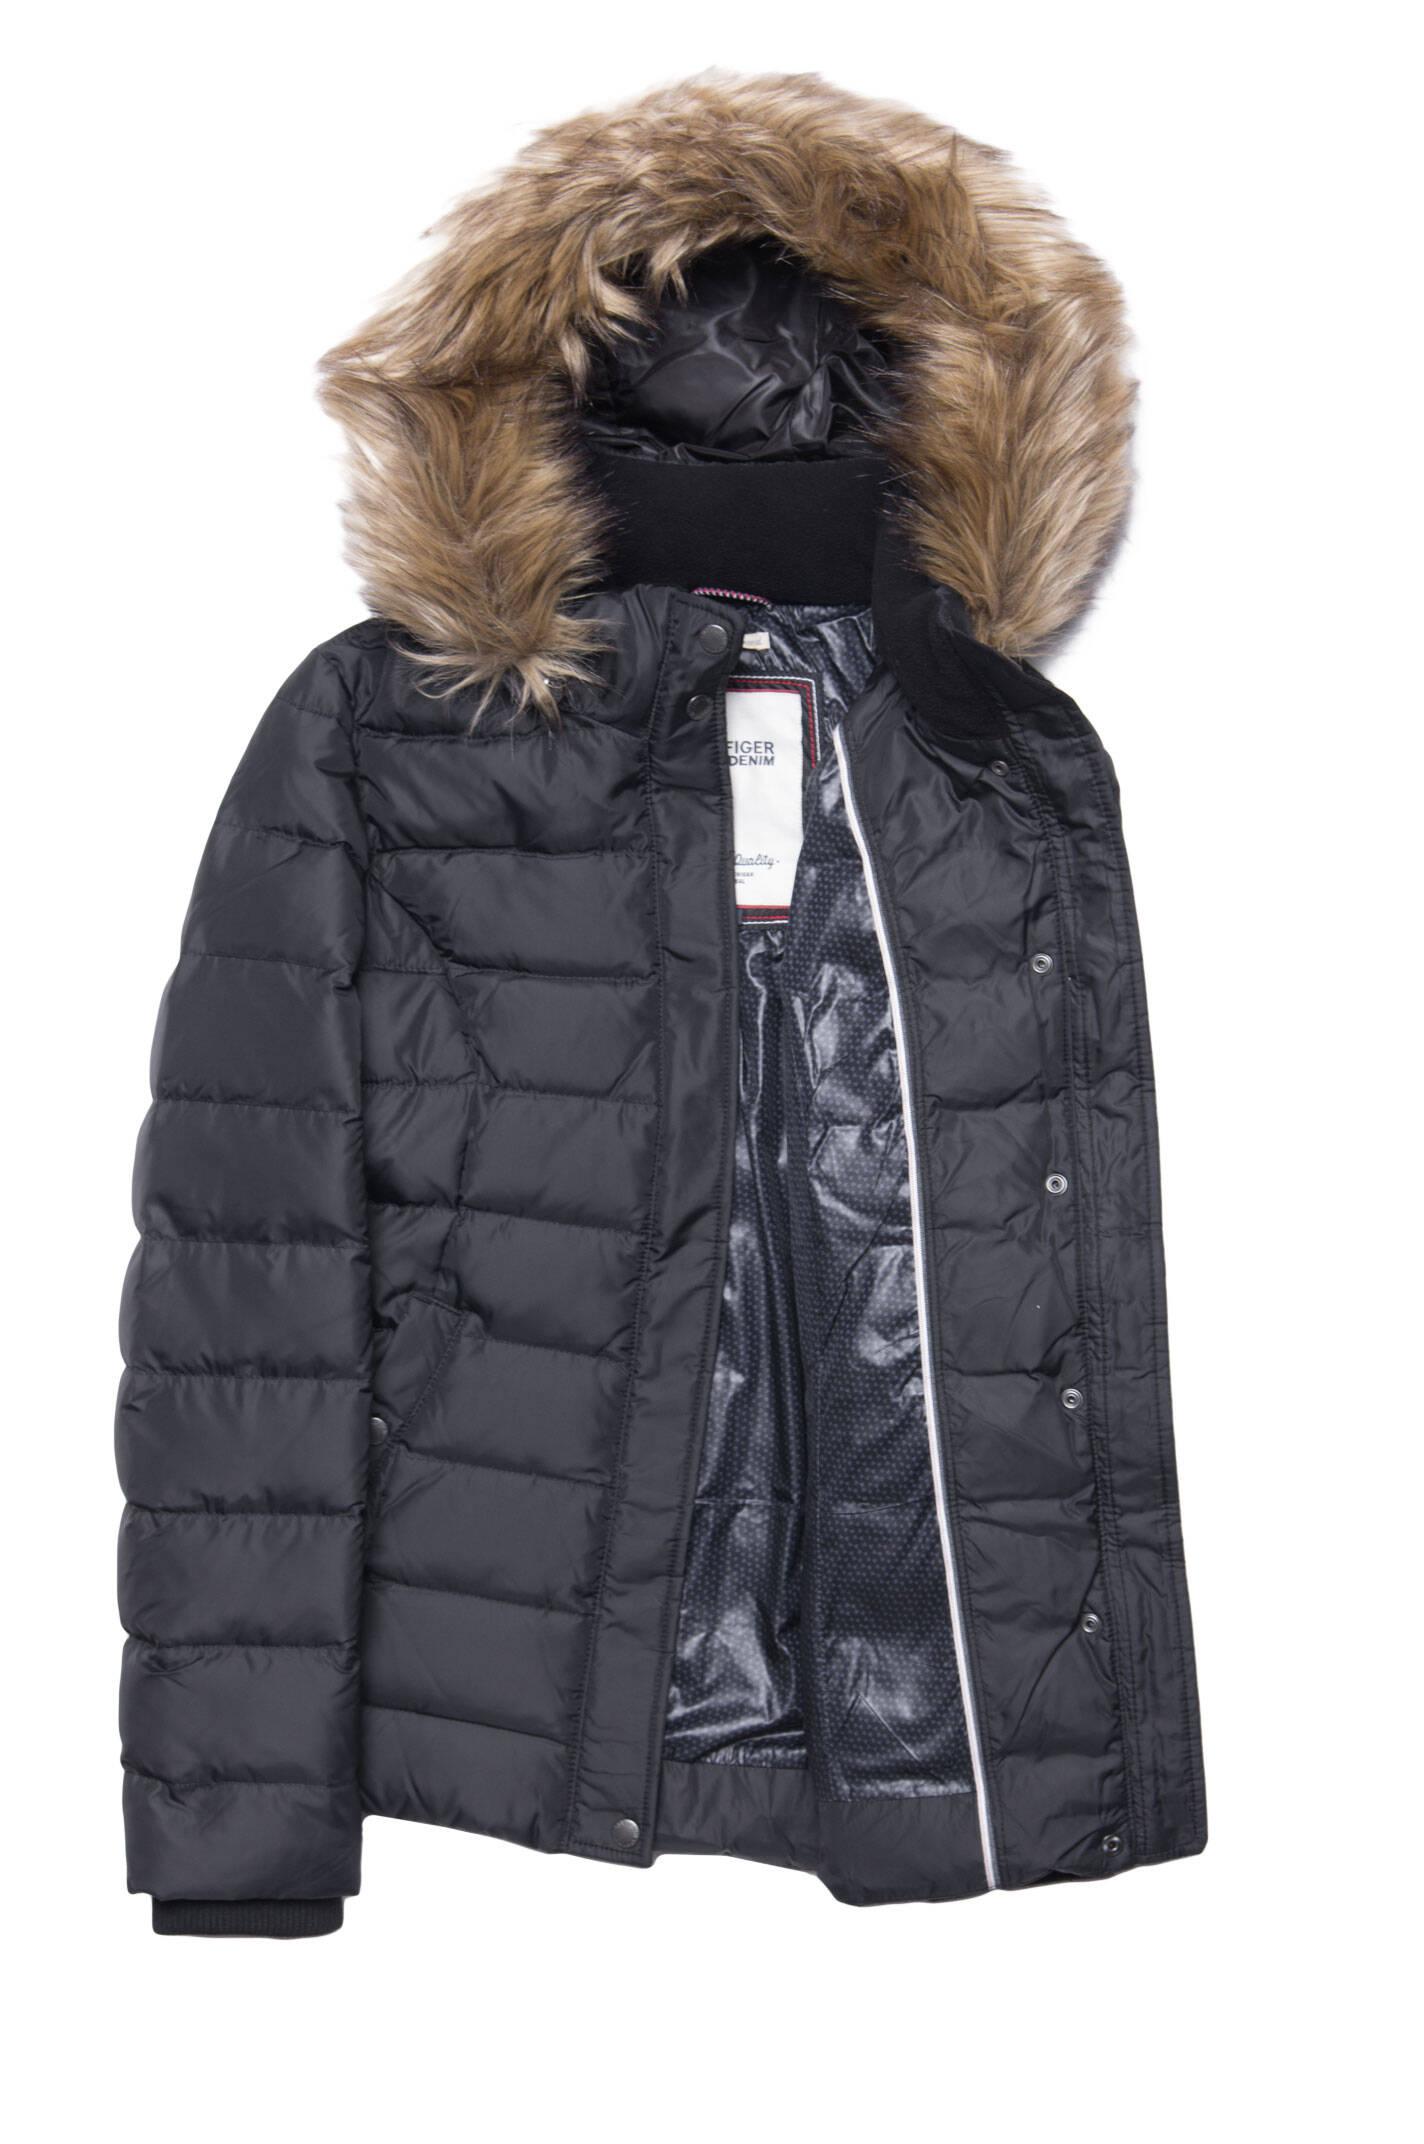 martina jacket hilfiger denim black apparel. Black Bedroom Furniture Sets. Home Design Ideas